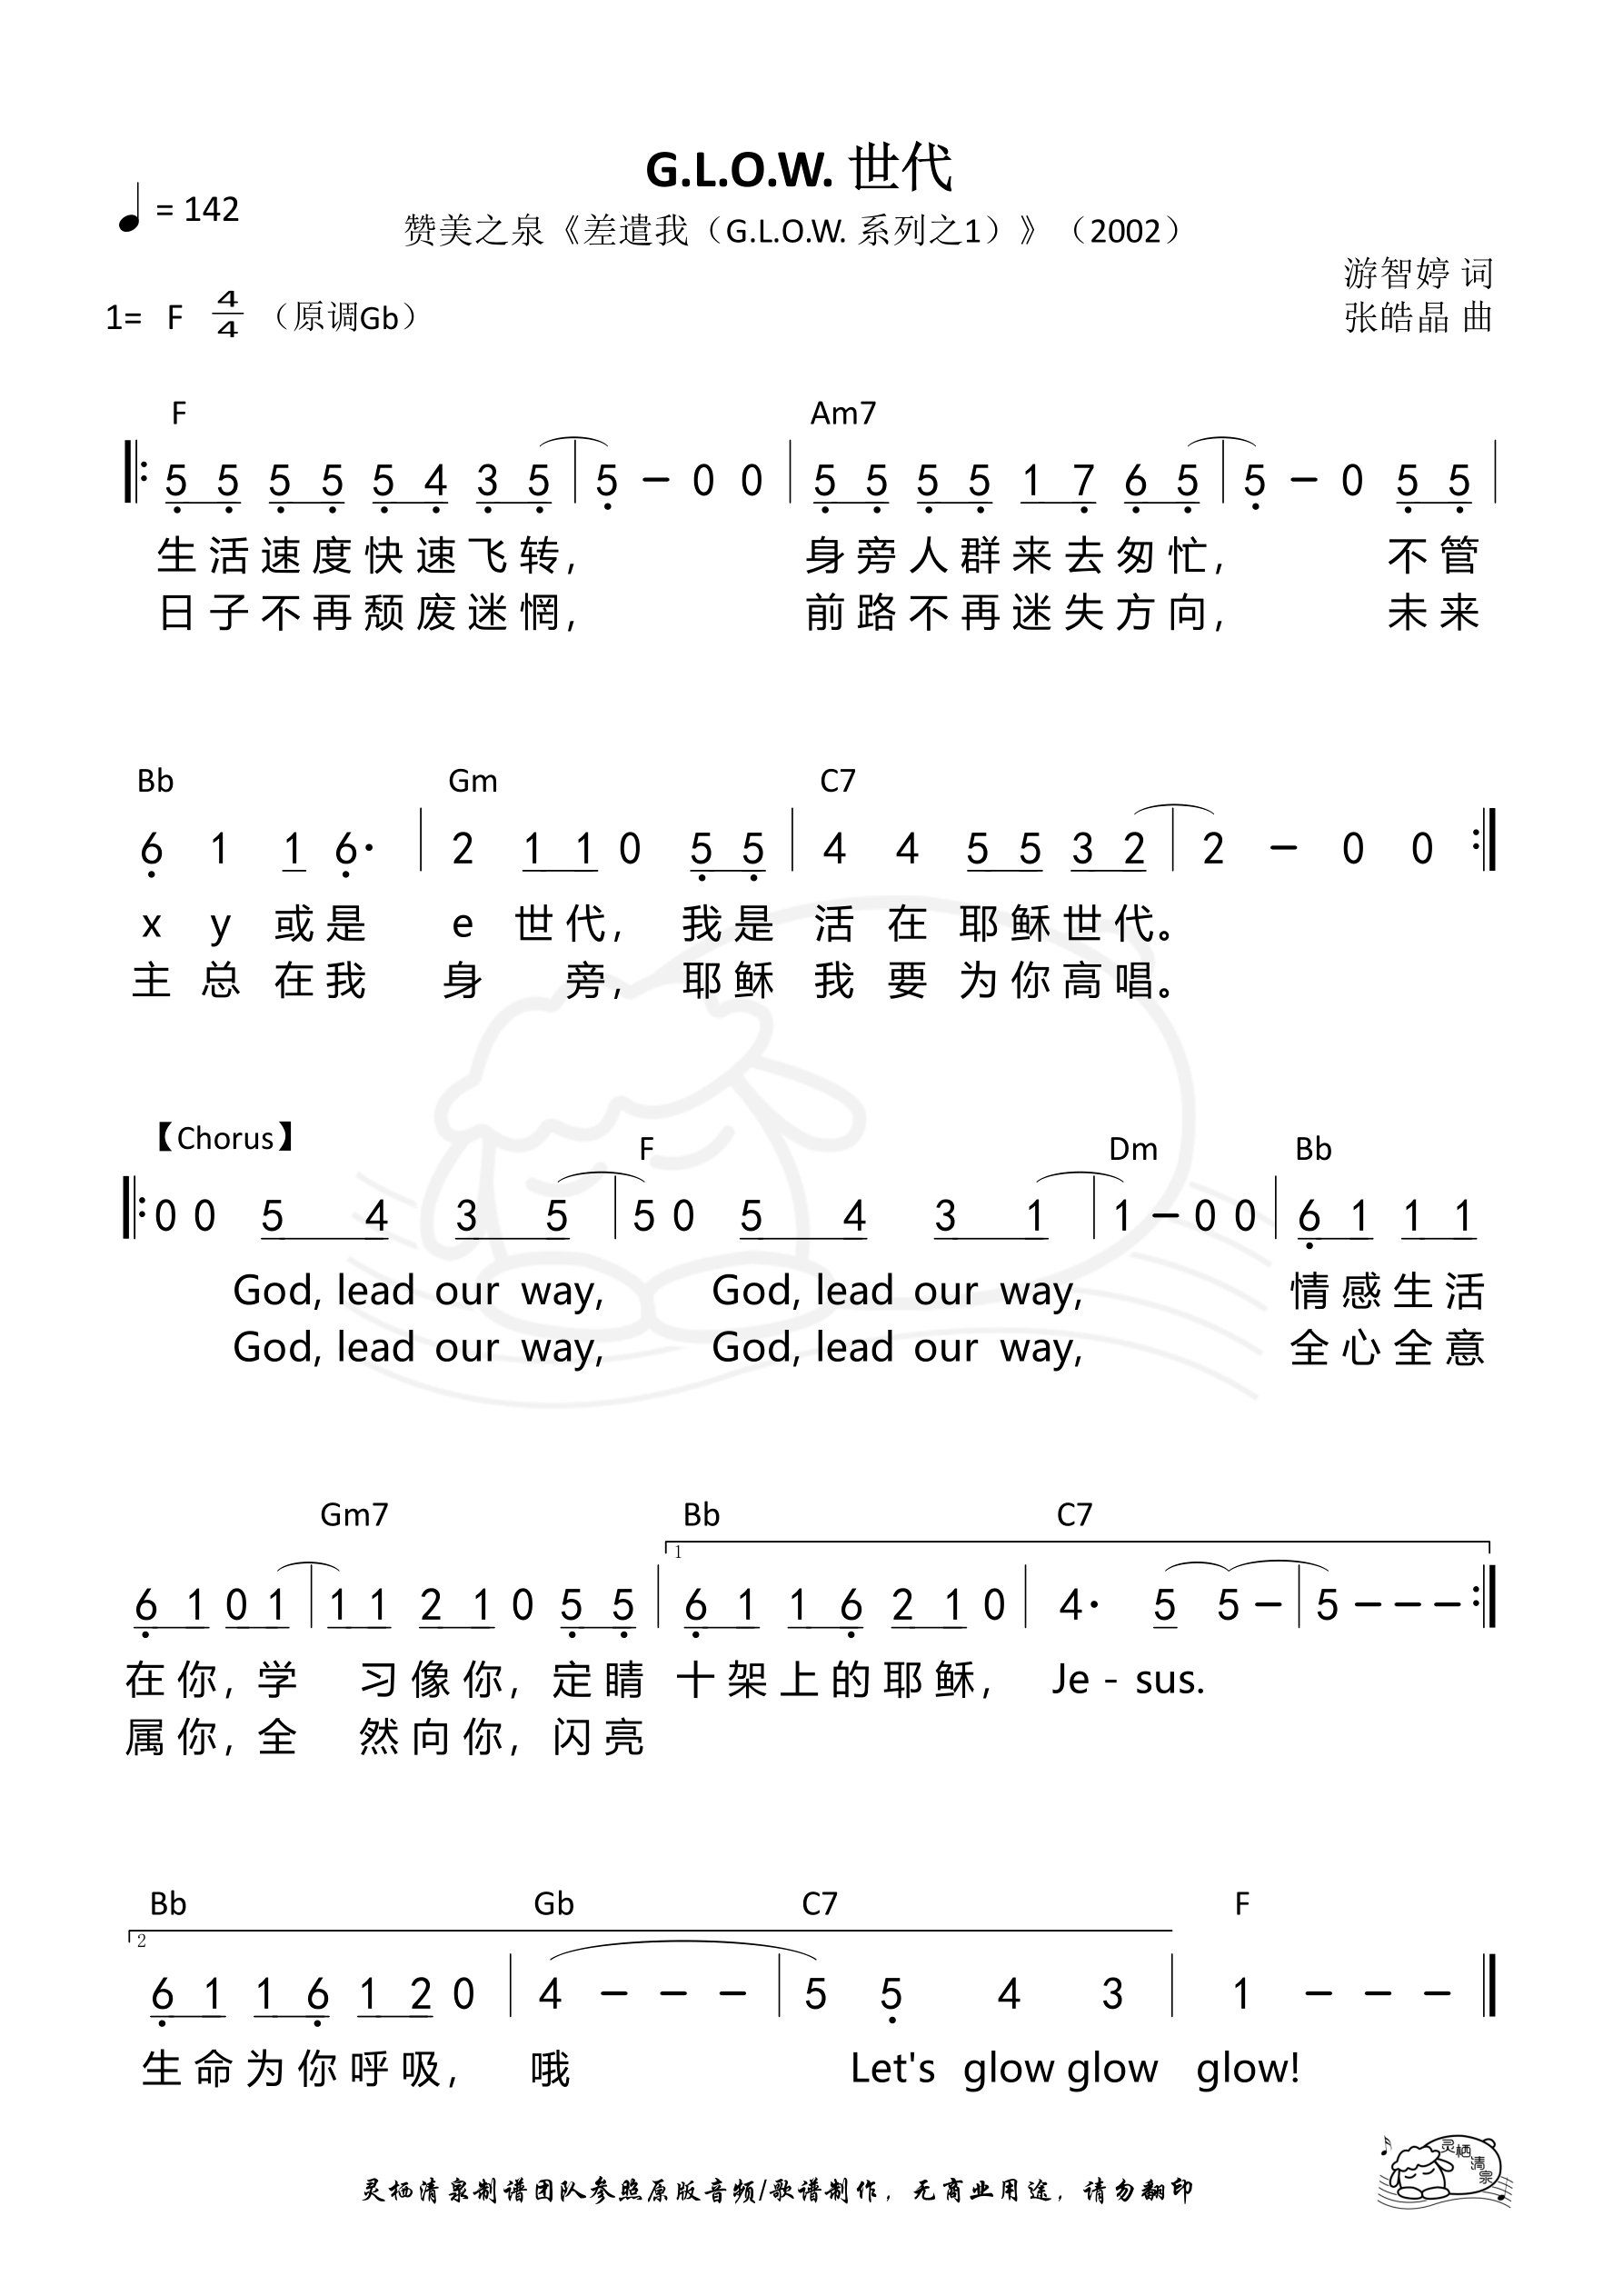 《第86首 - G.L.O.W. 世代 和弦简谱》